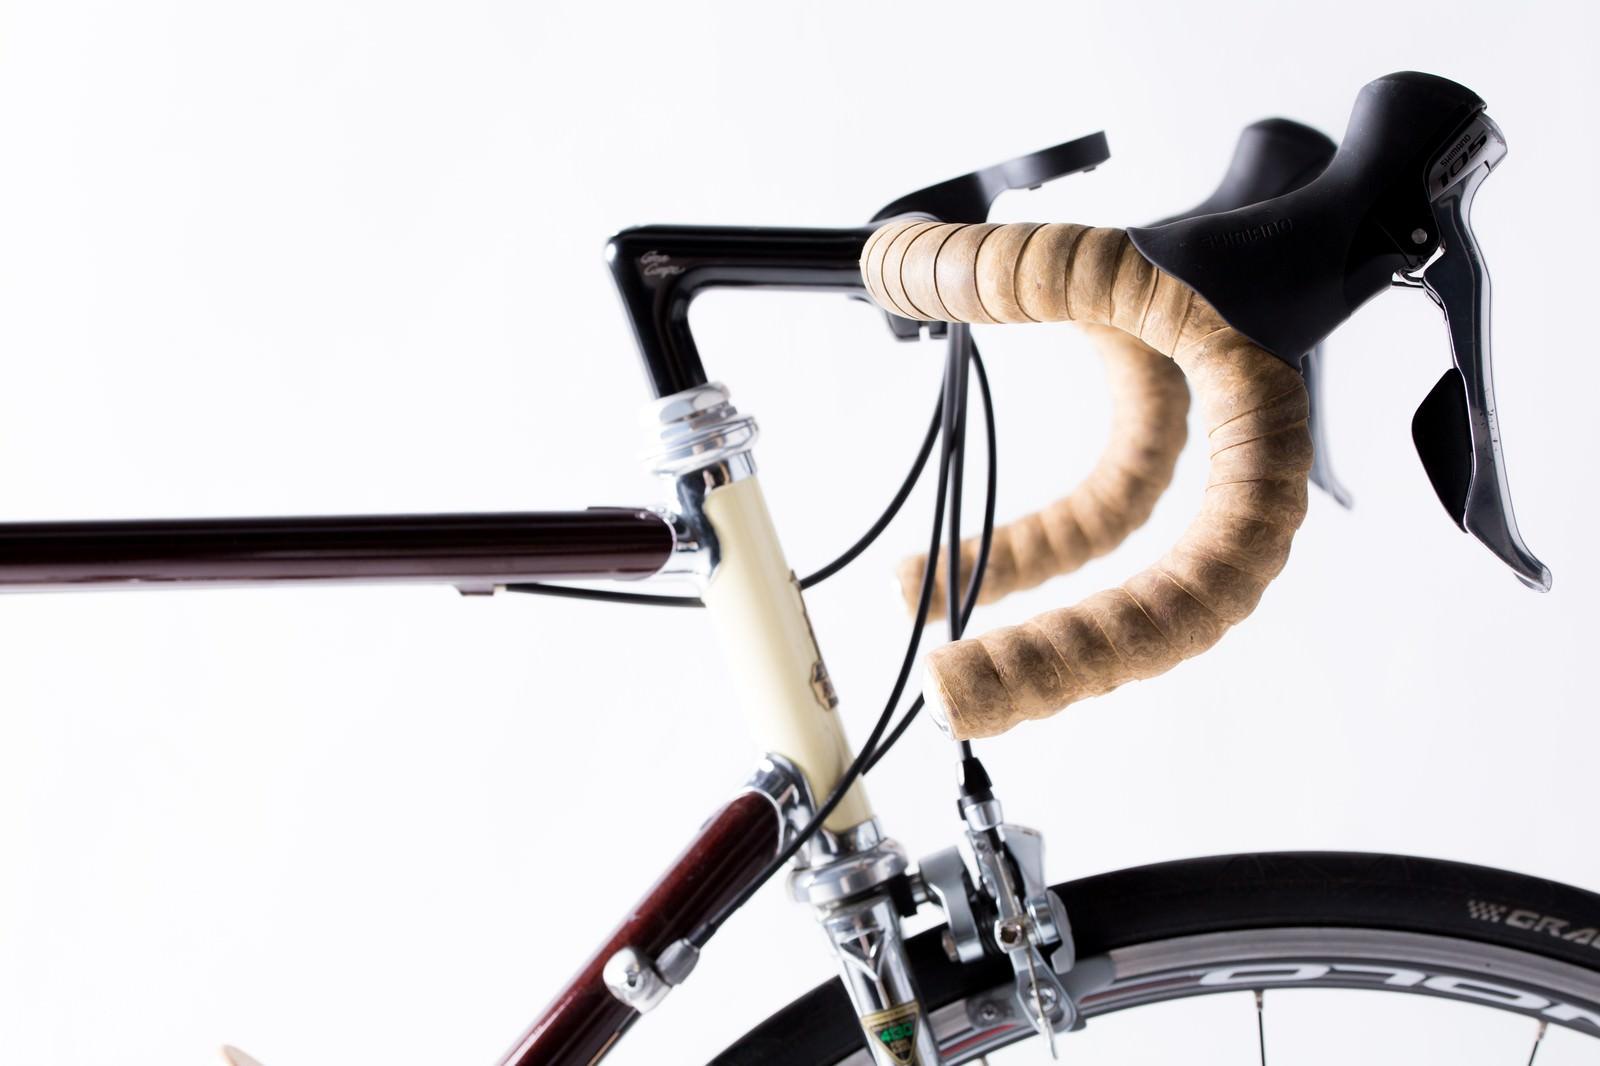 ロードバイクといえばやっぱりドロップハンドル 無料の写真素材は